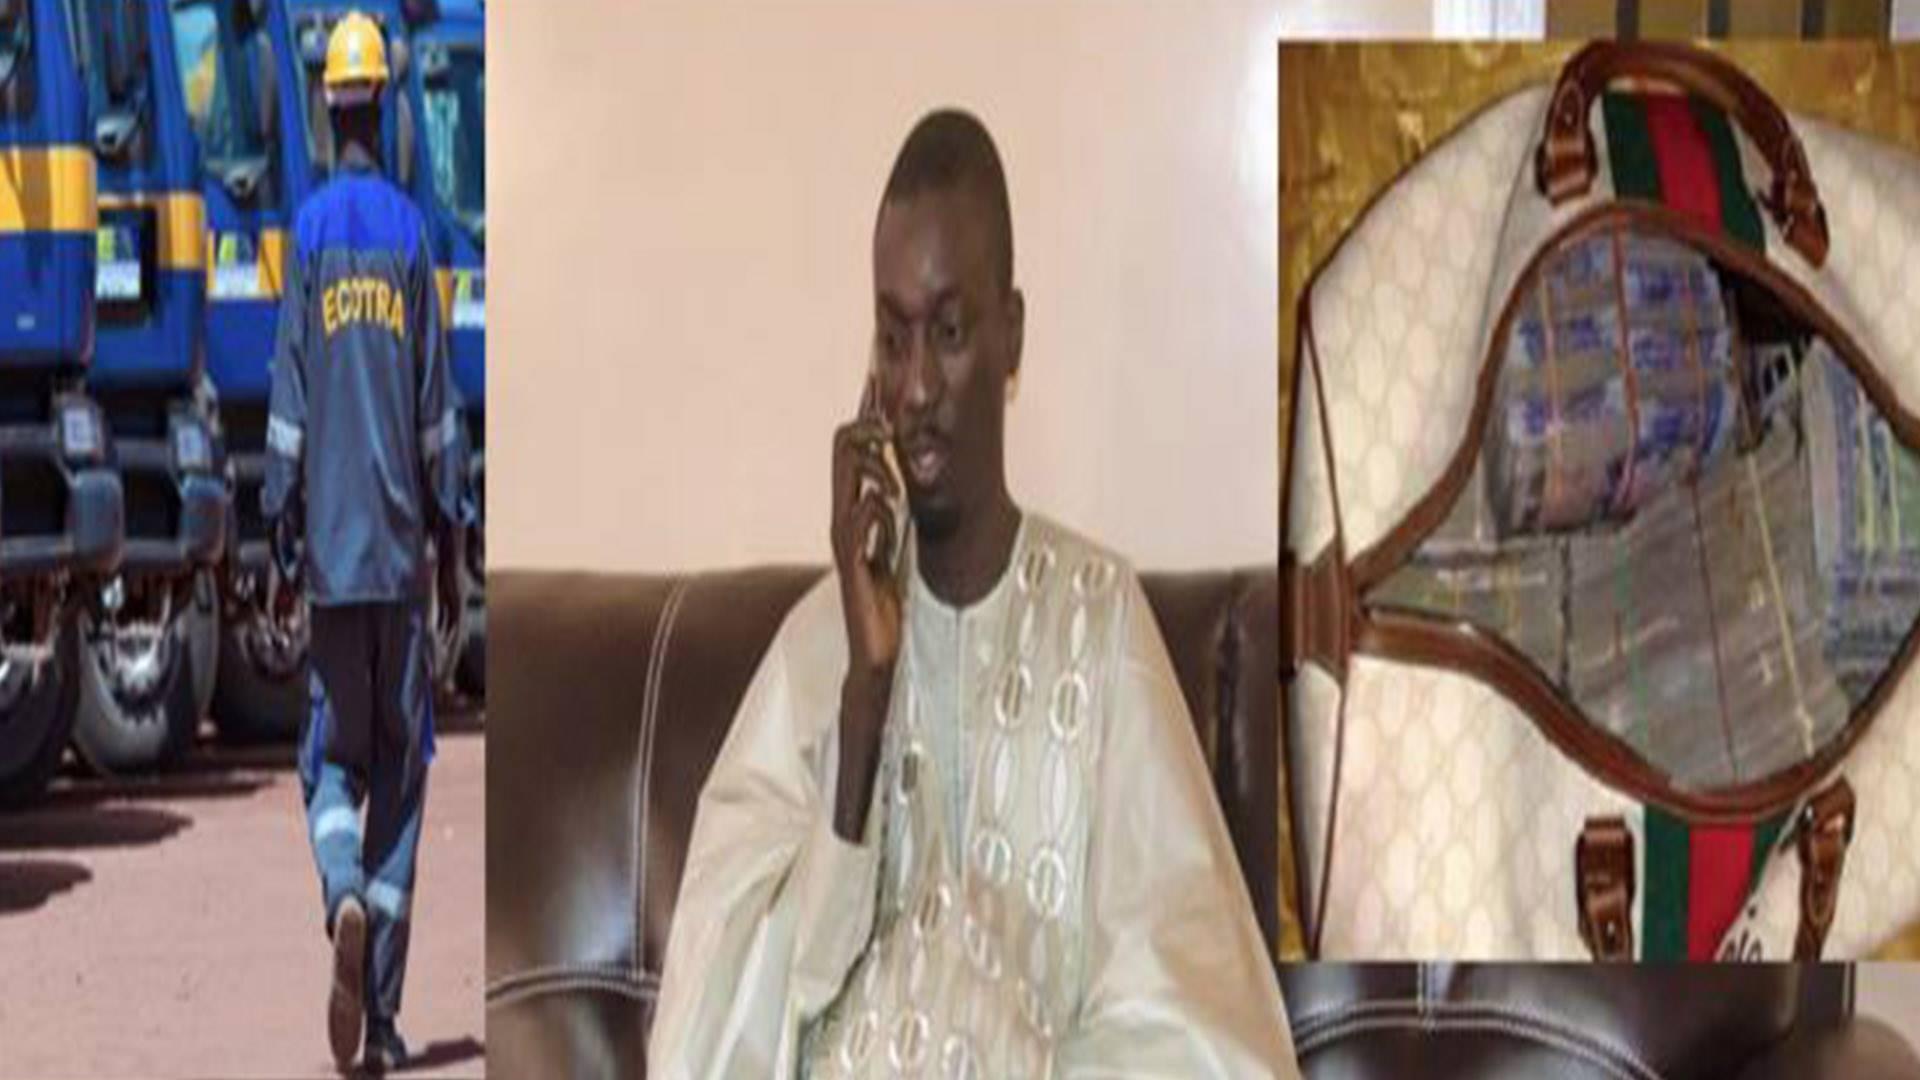 Scandale Serigne Ahma Mbacké contre Abdoulaye Sylla d'Ecotra: Nouvelles révélations explosives sur l'escroquerie de la vente frauduleuse de la maison familiale de Touba pour 300 millions FCFA